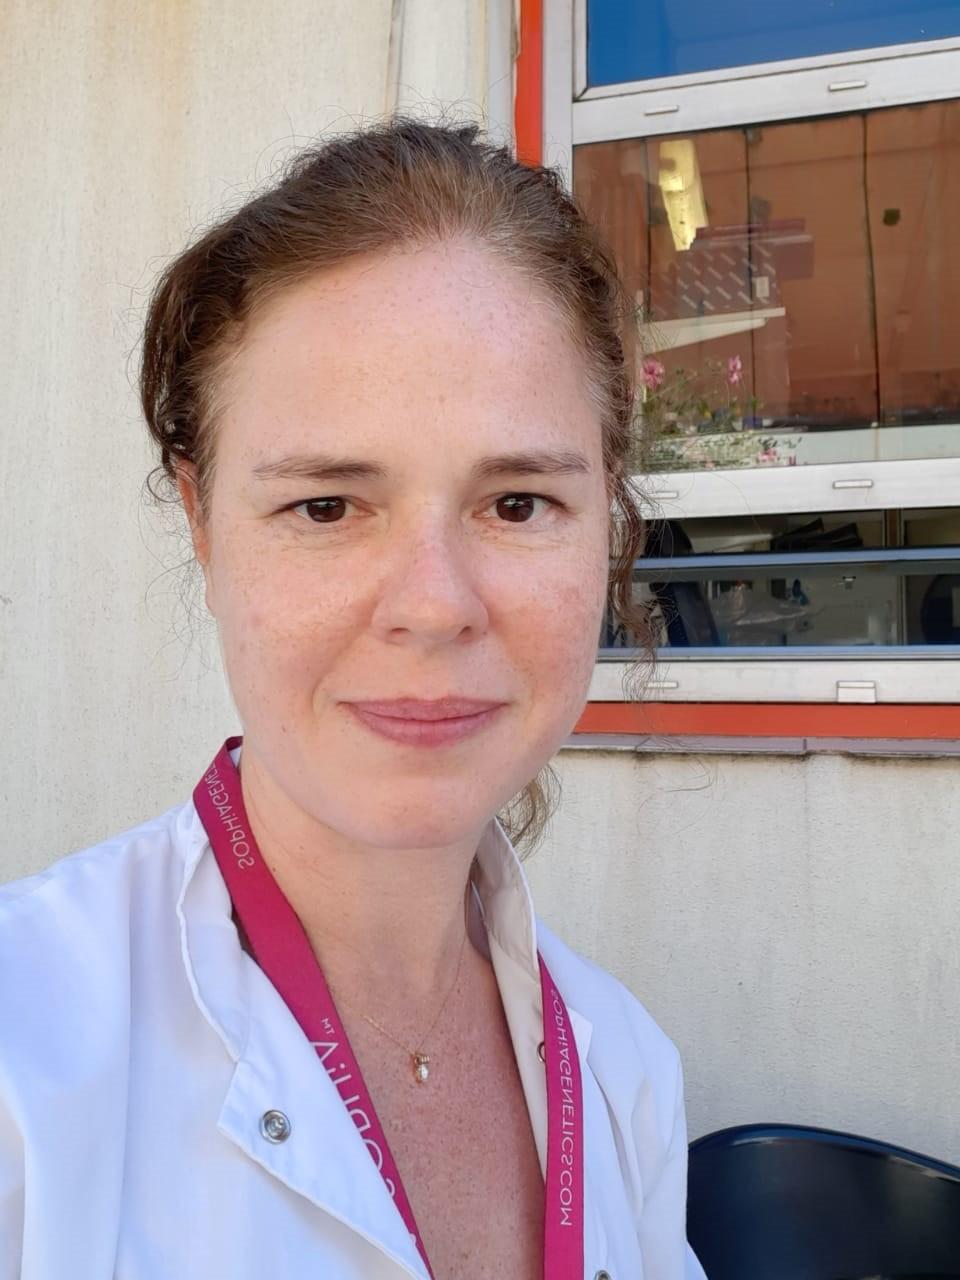 """Paula Aulicino (Investigadora del CONICET) : """"Hasta el momento hemos detectado variantes de Manaos, Río de Janeiro y Gran Bretaña, si bien están aisladas y monitoreadas, debemos tenerlas en cuenta"""""""